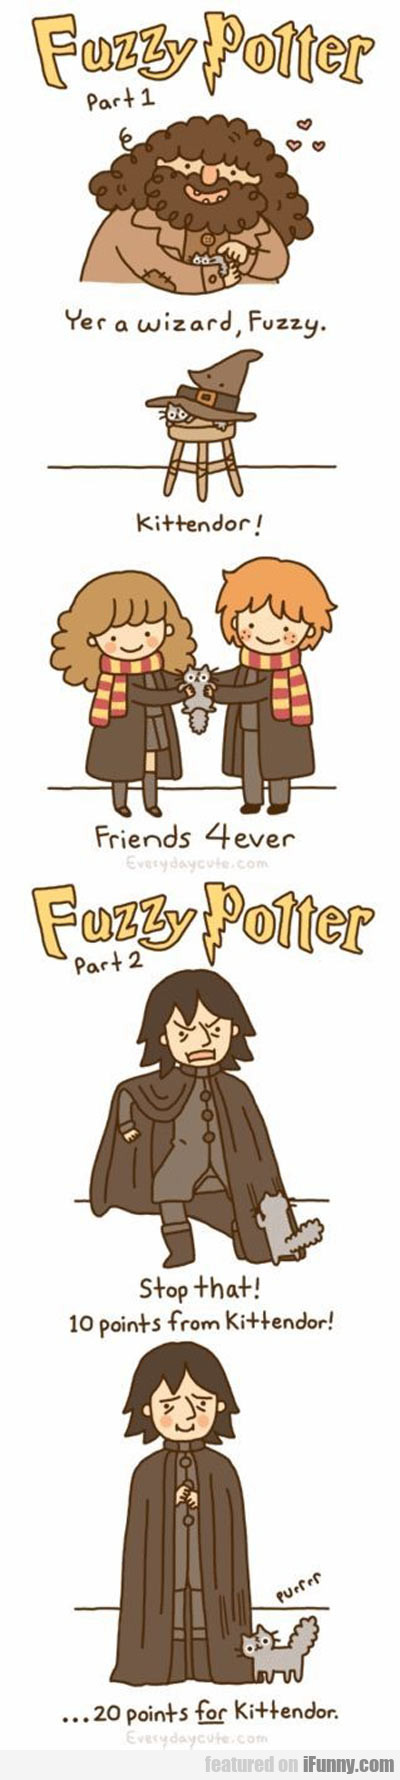 Fuzzy Potter Part 1 Harry Potter Harry Potter Memes Harry Potter Love